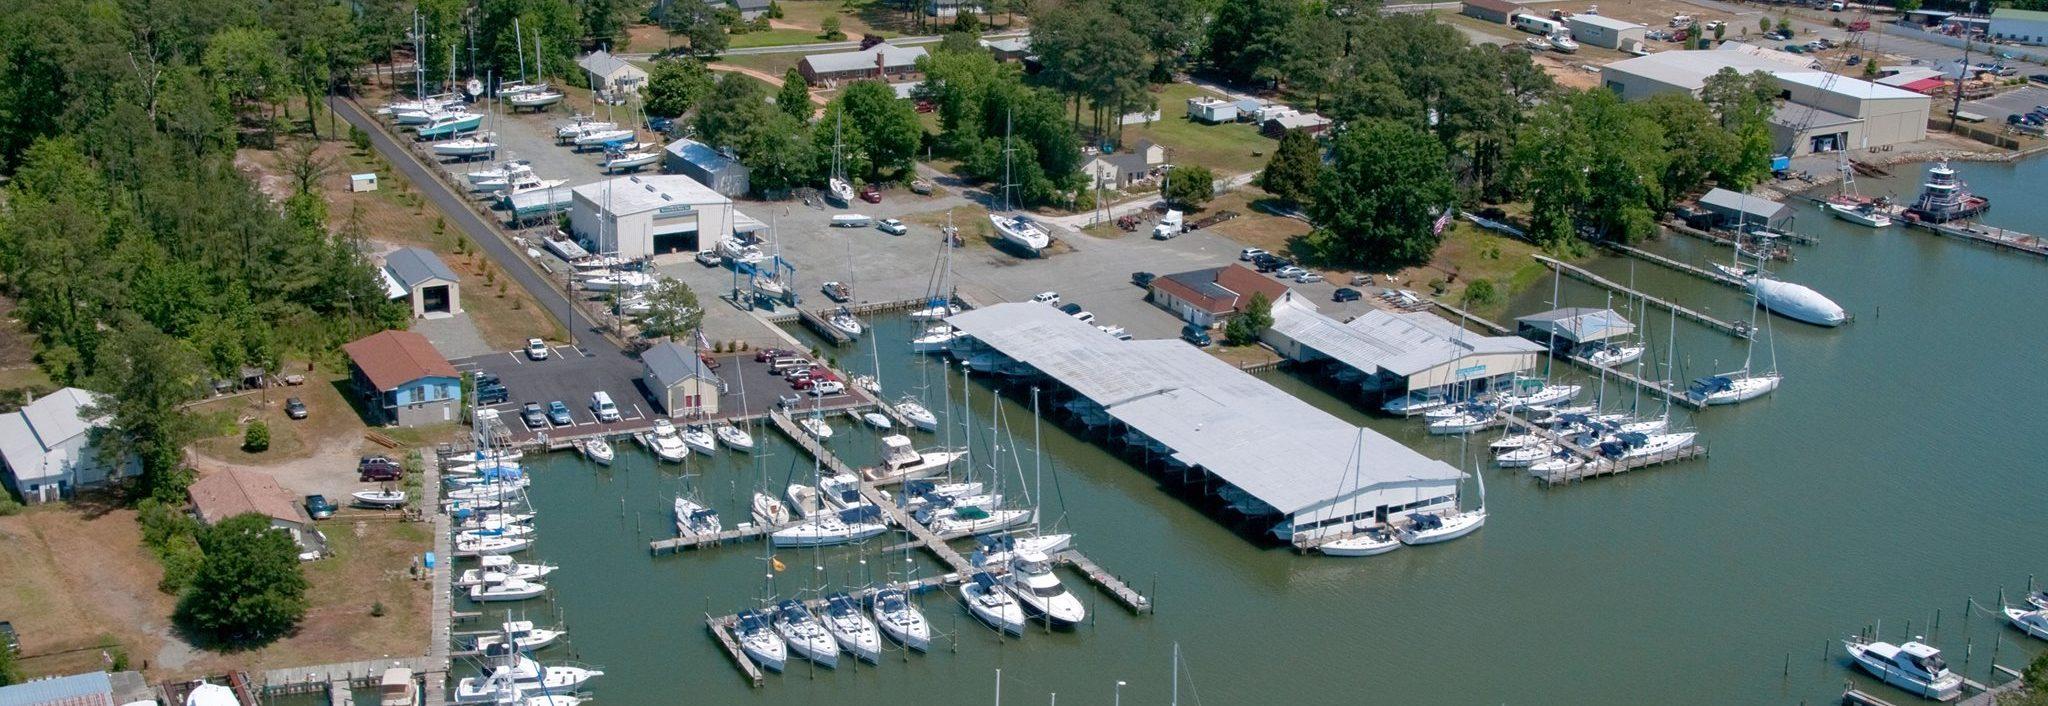 nortons yachts marina aerial